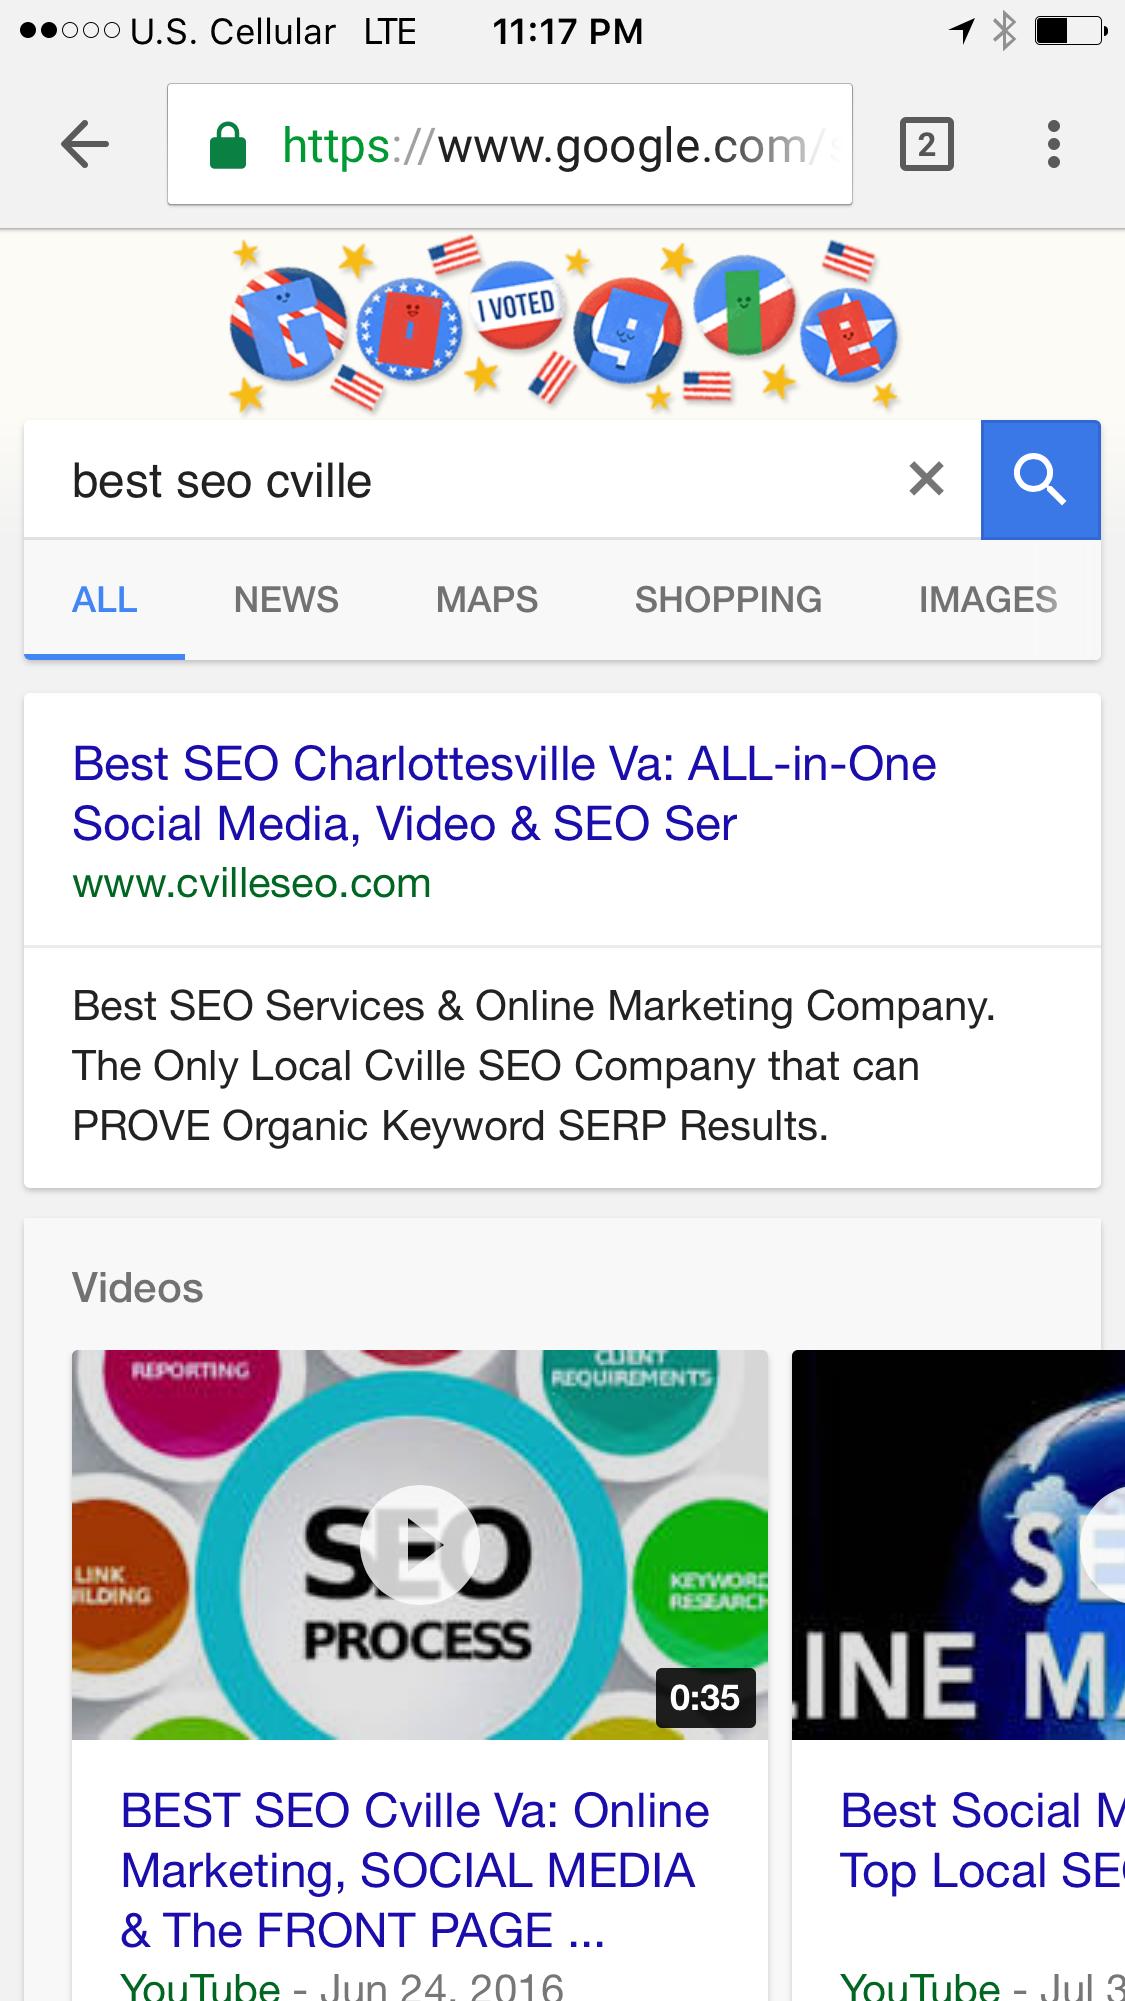 http://seovizual.com best SEO , best SEO, SEO va best SEO va